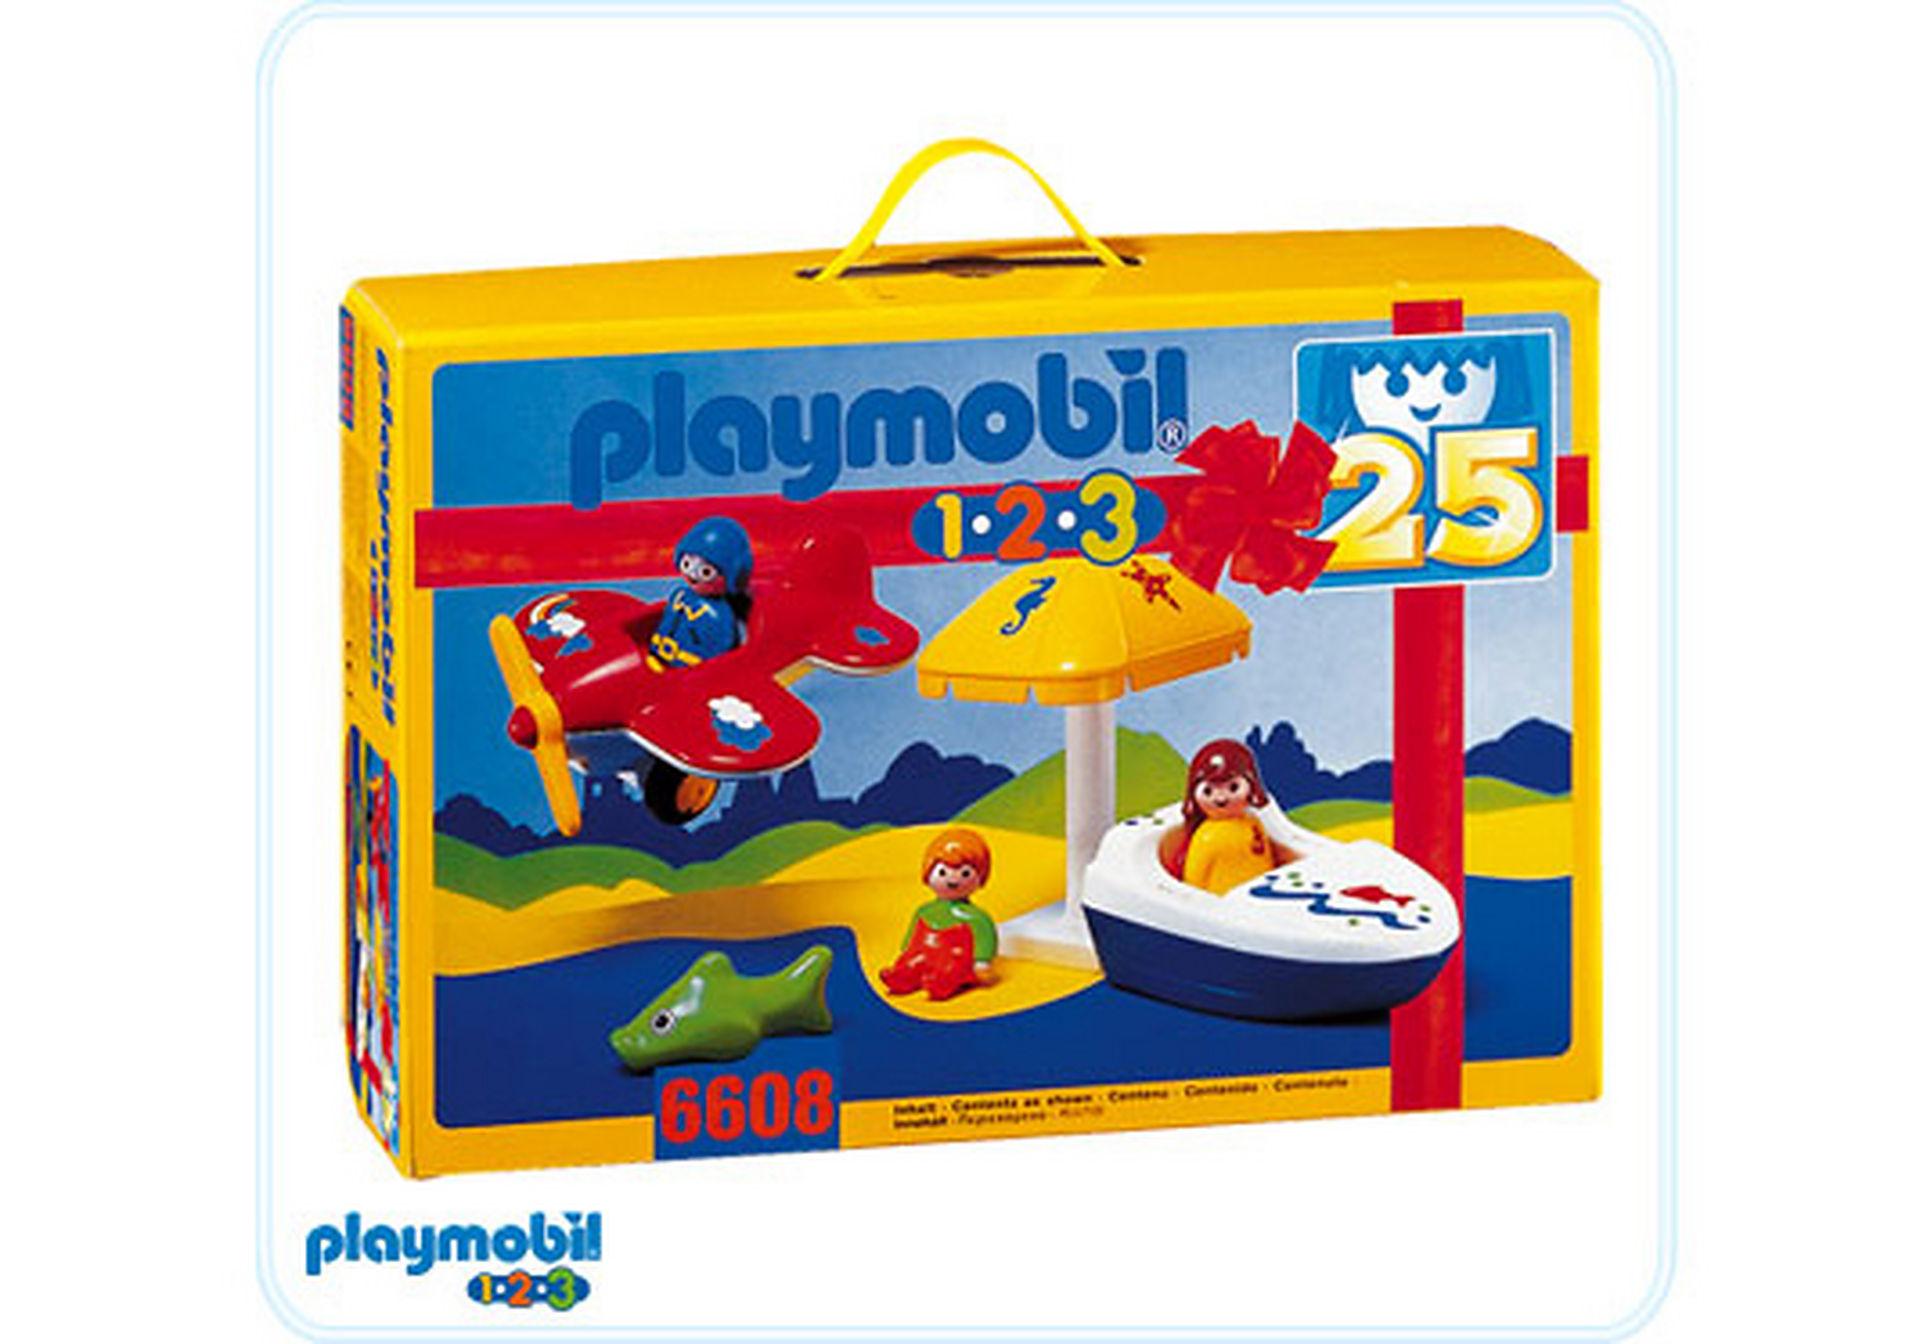 6608-A jeux de plage zoom image1